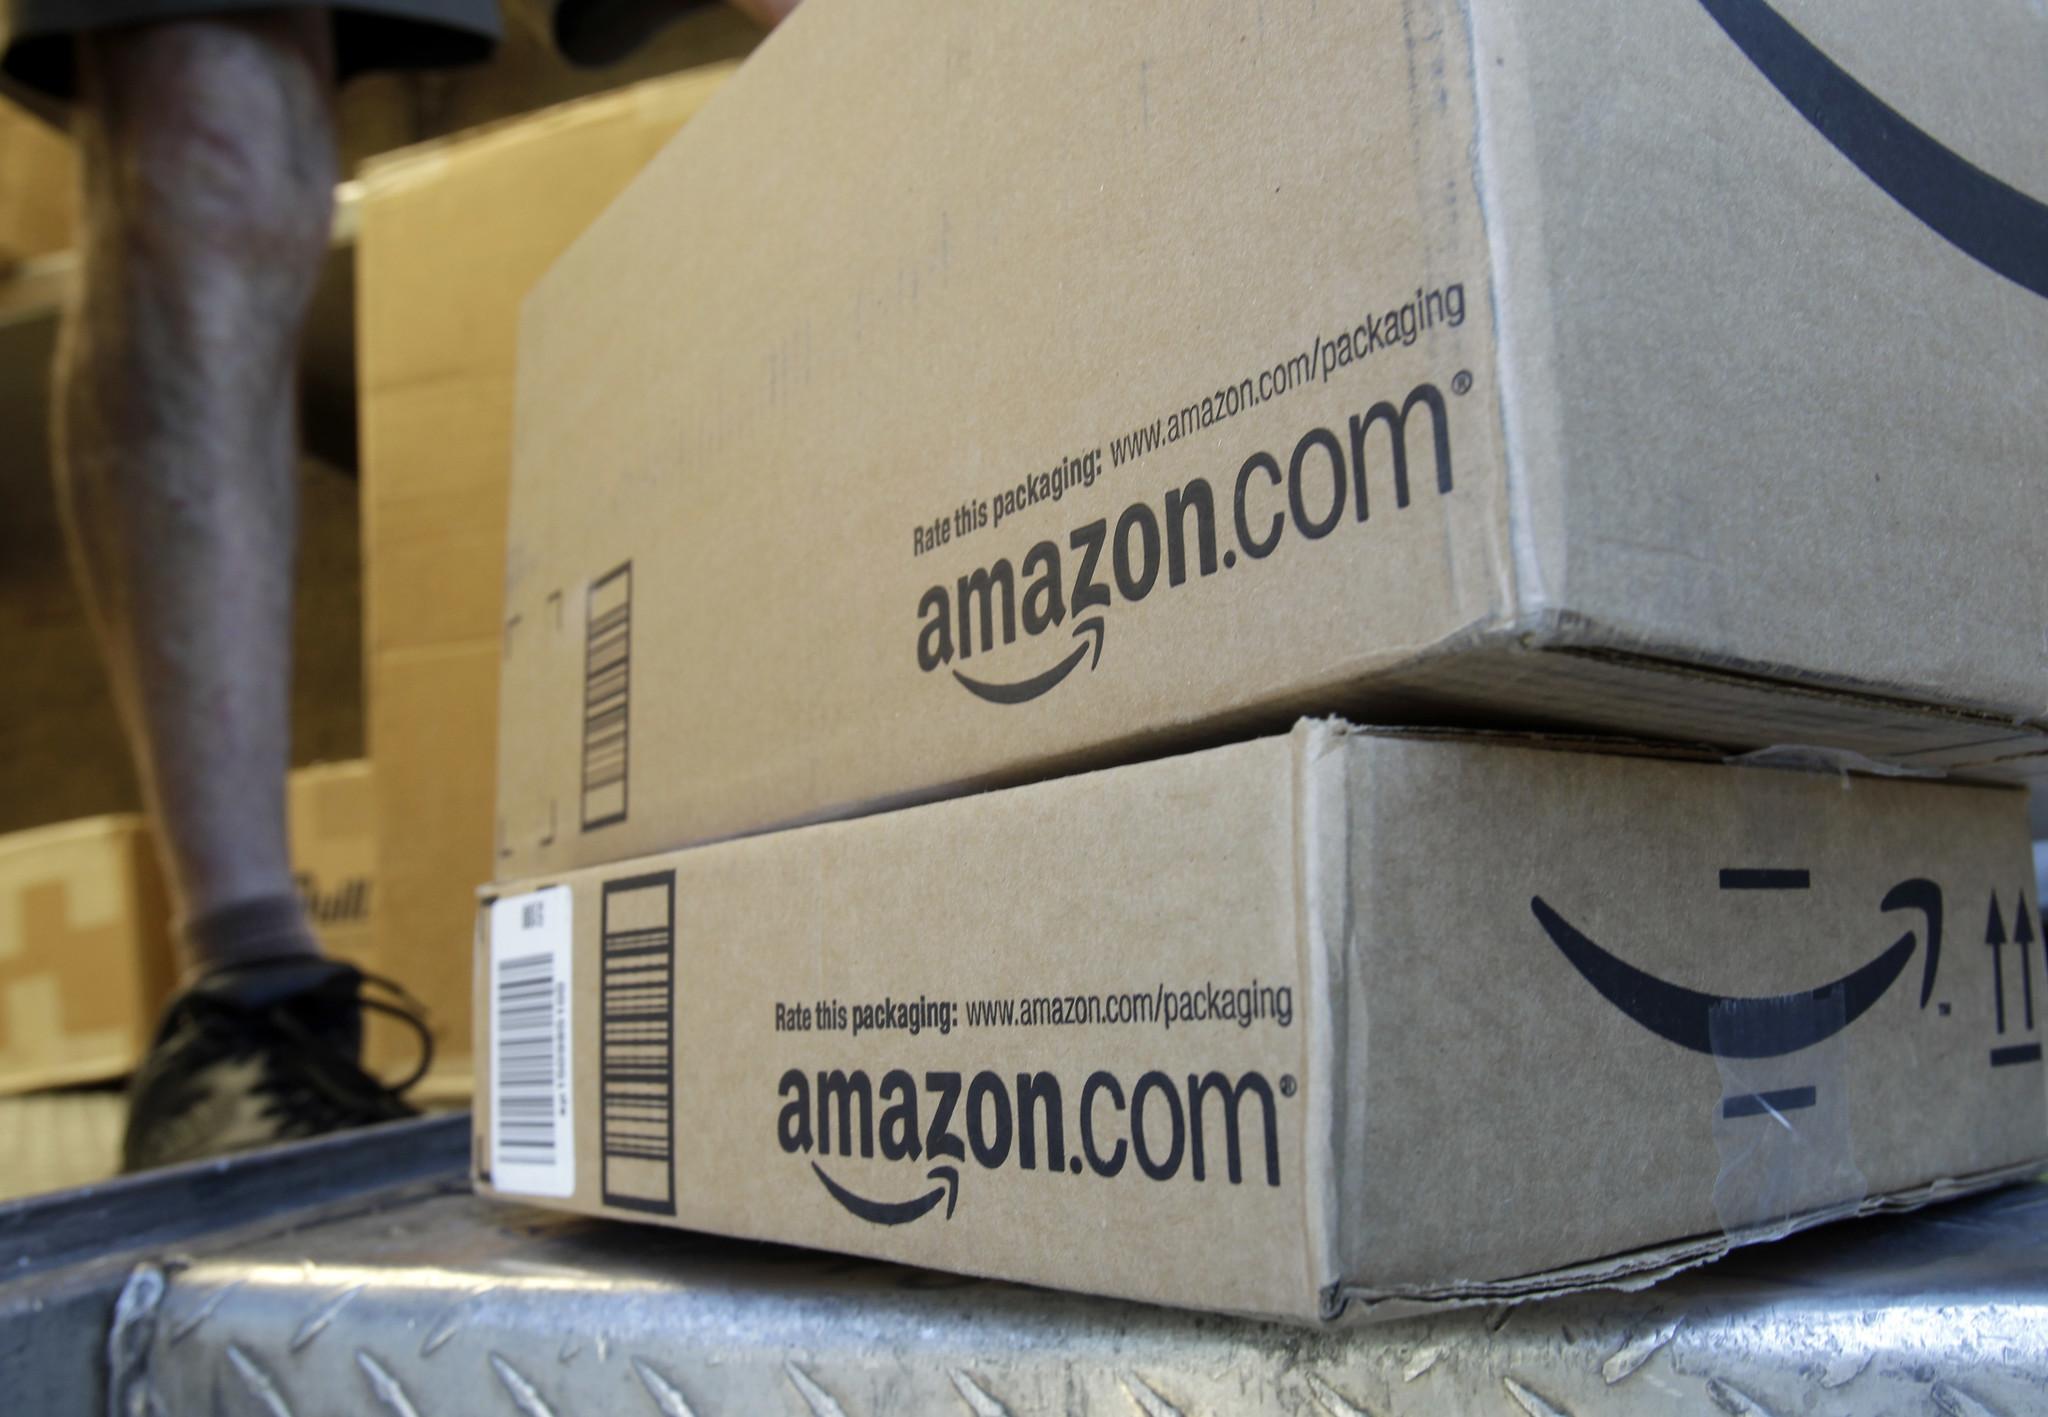 Amazon opening pickup location at UIC - Chicago Tribune